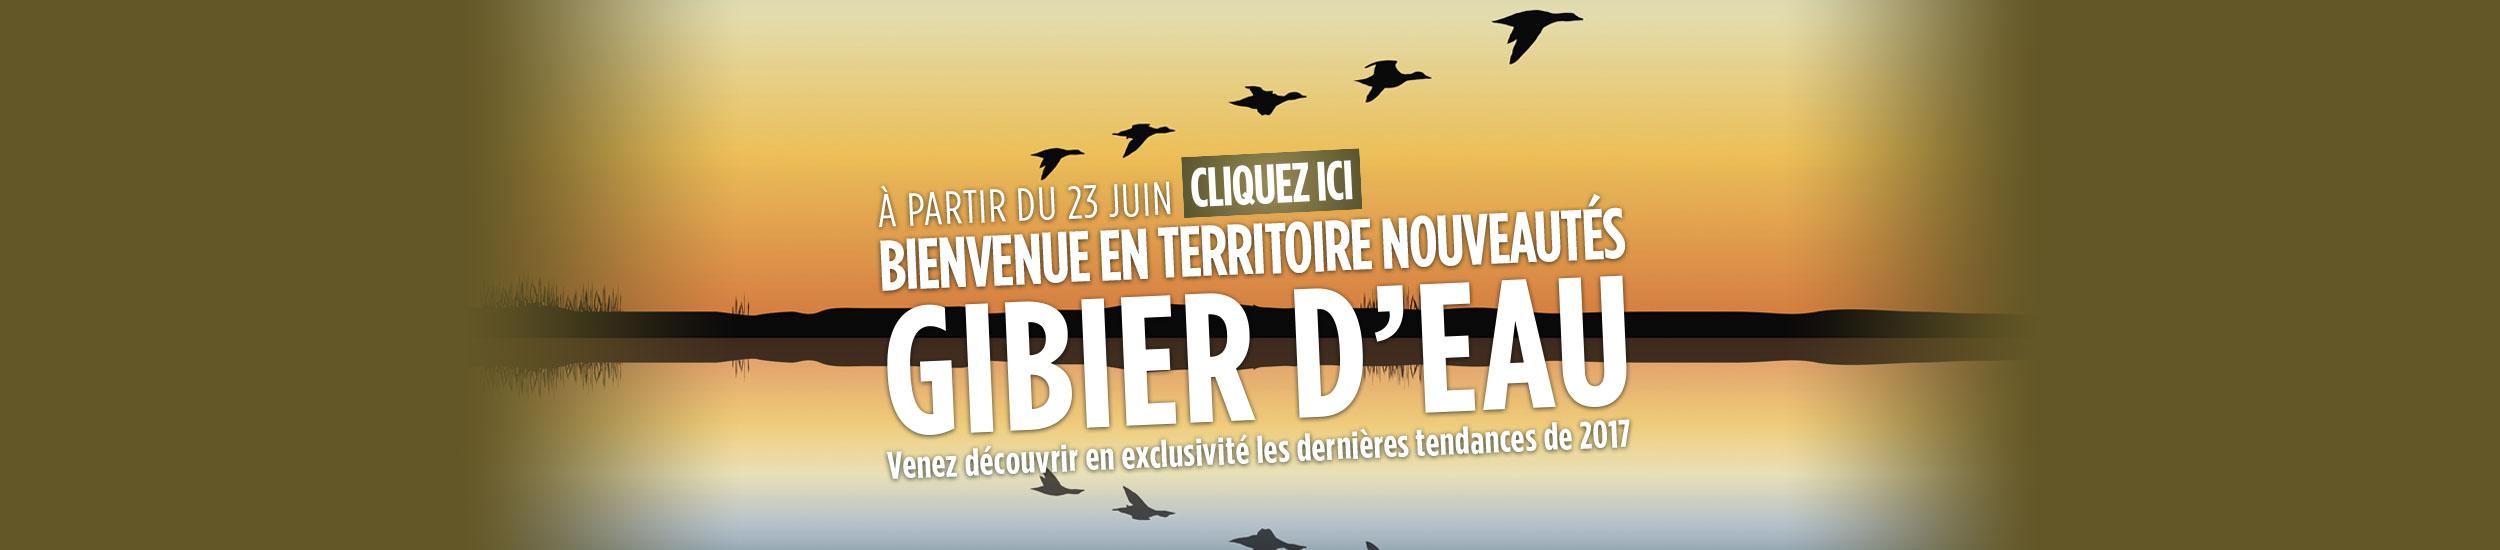 BIENVENUE EN TERRITOIRE NOUVEAUTÉS GIBIER D'EAU !